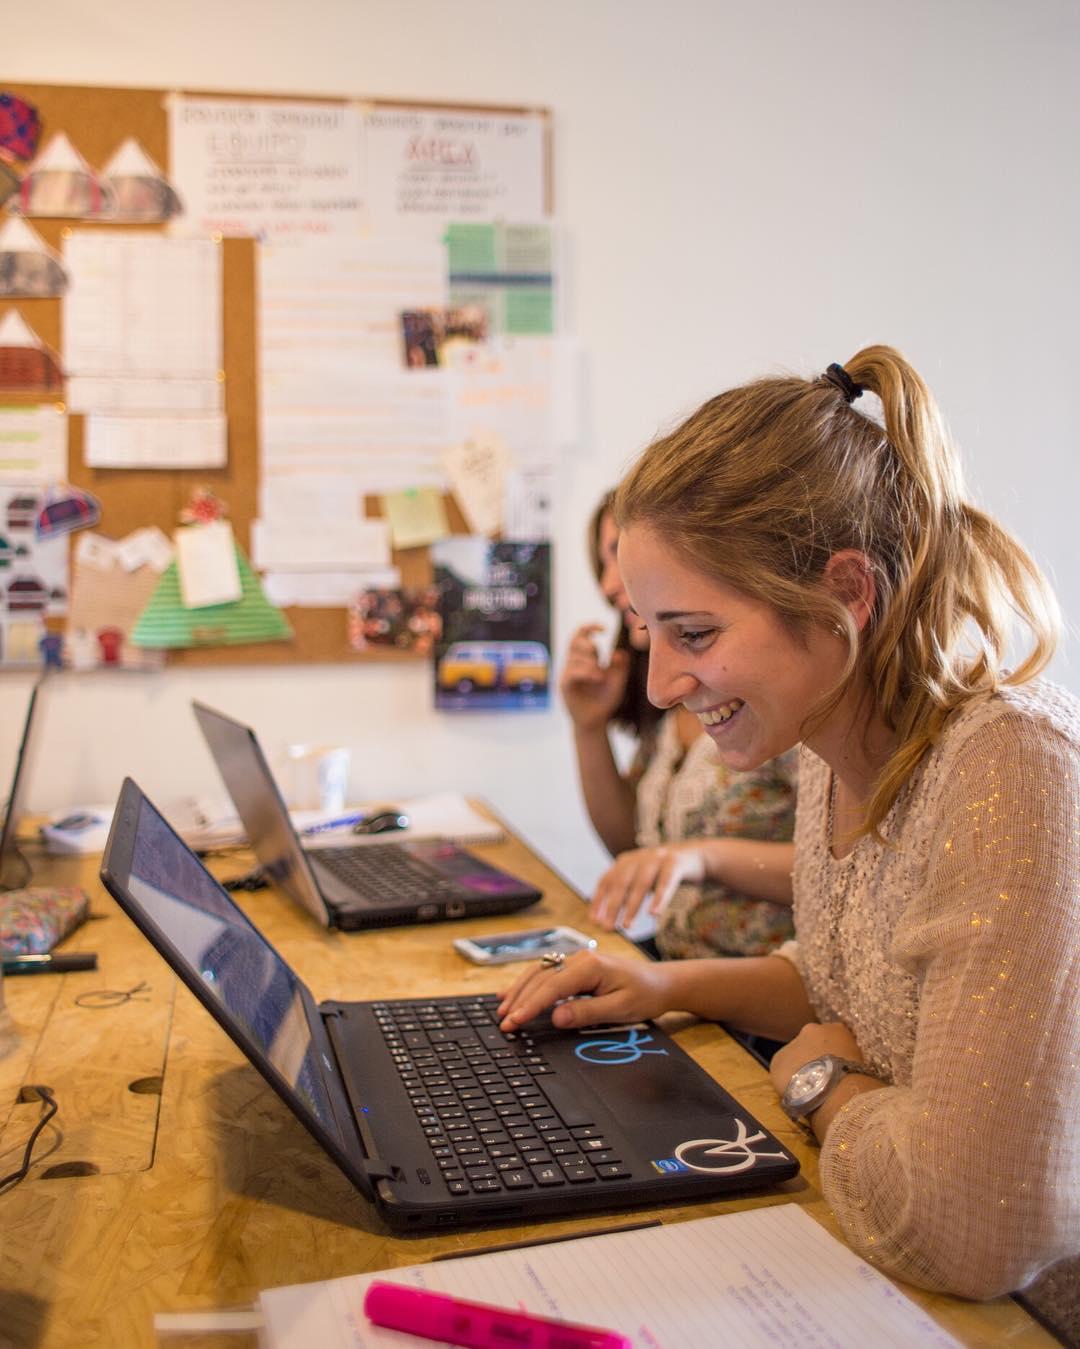 Fabricamos una actitud que se transmite y se contagia. Trabajamos con pasión y eso se nota en nuestros productos.  #amarloquehaces #actitudQA #office #teamwork